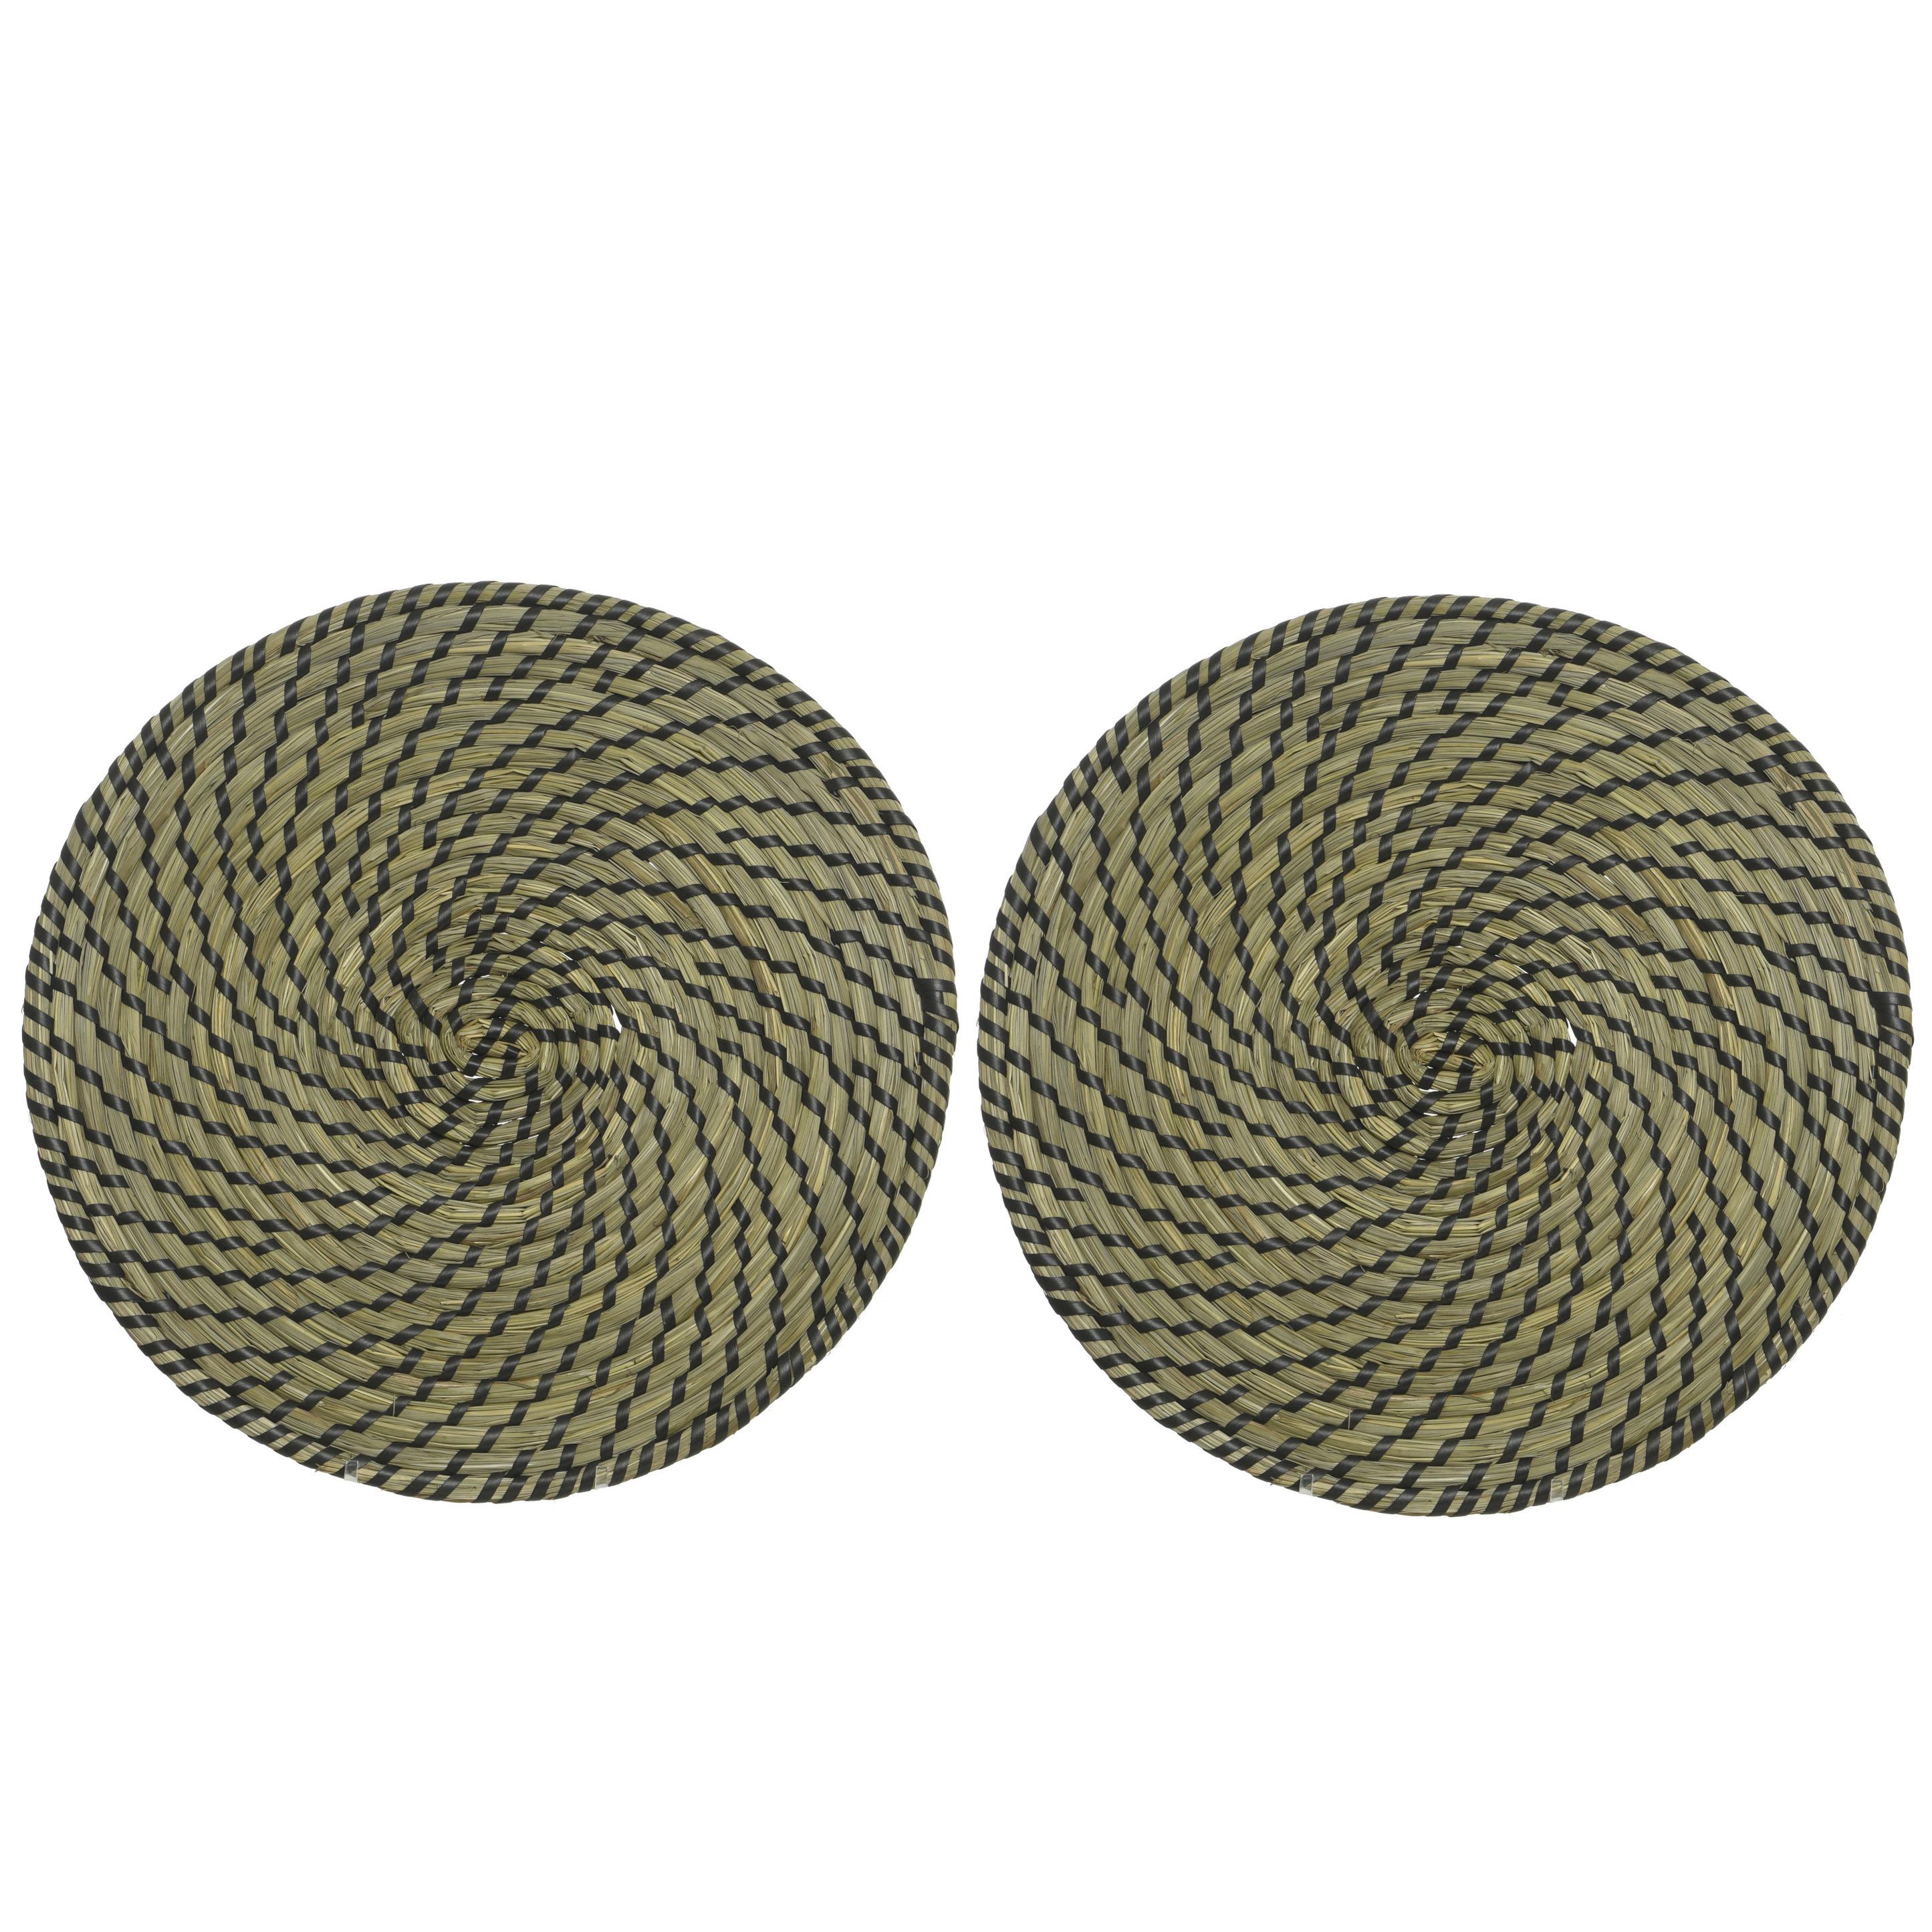 6x stuks placemats rond groen/zwart zeegras 38 cm -